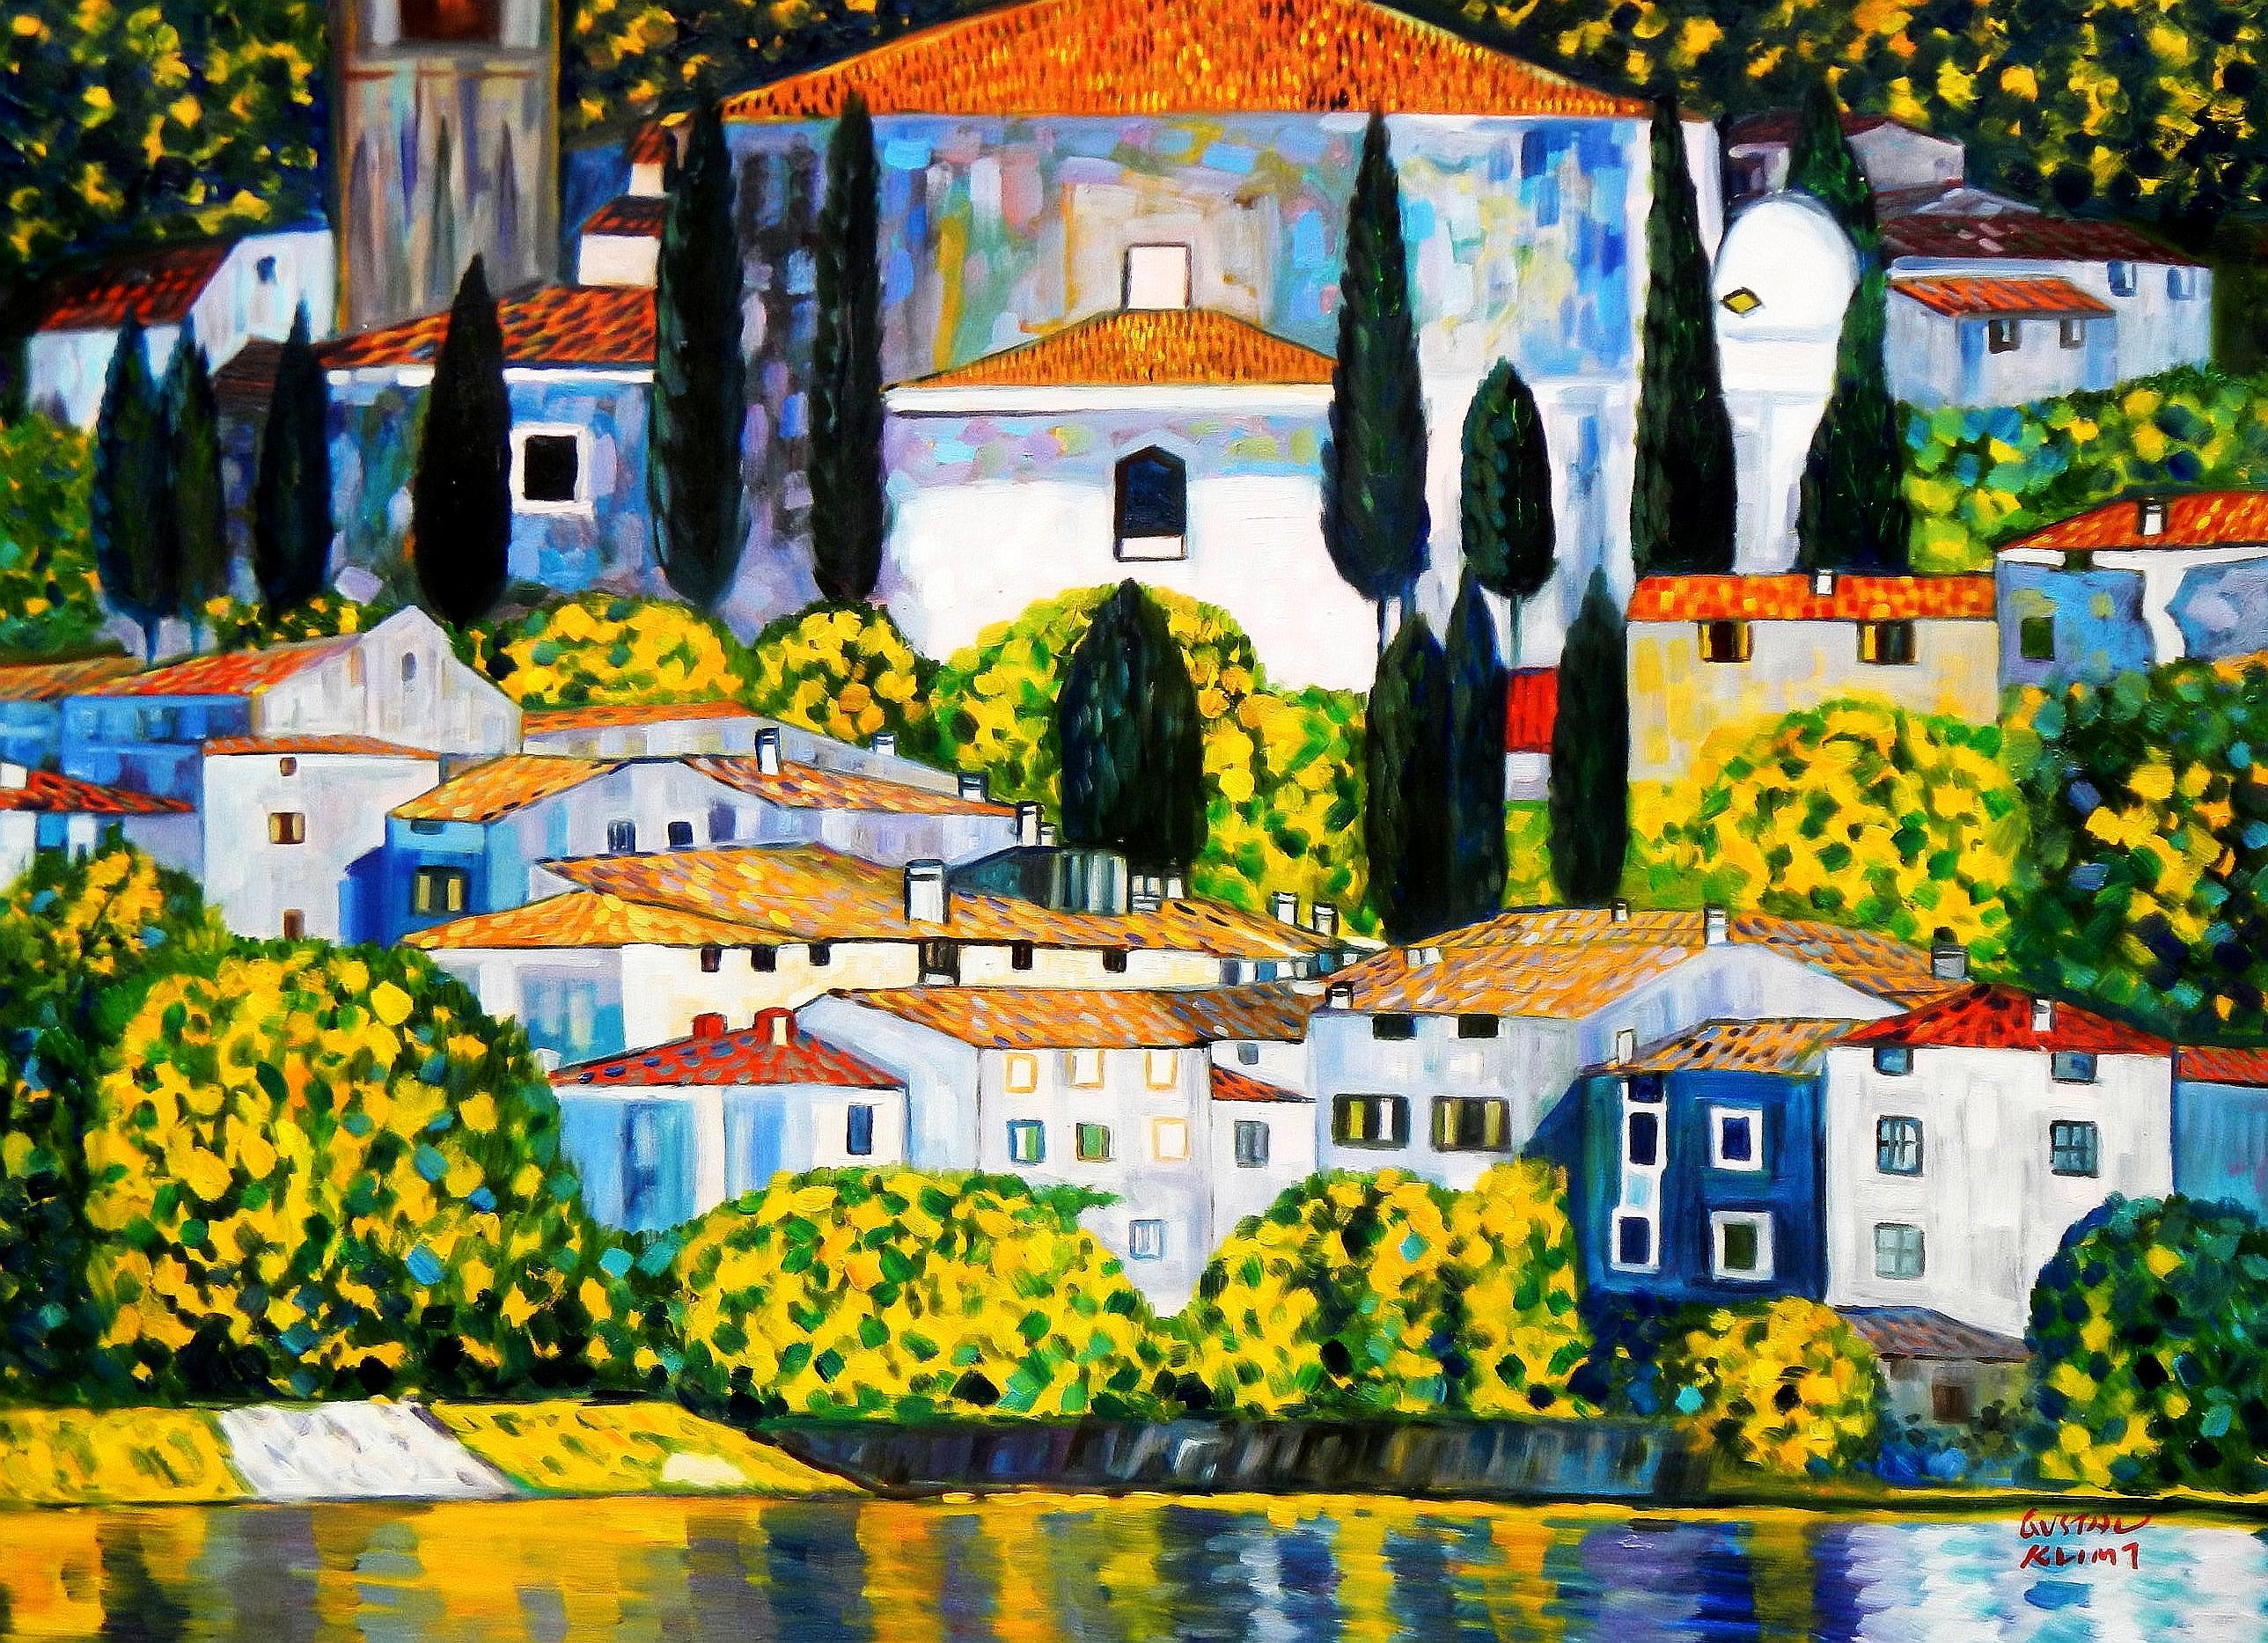 Gustav Klimt - Kirche in Cassone i94441 80x110cm Ölgemälde handgemalt